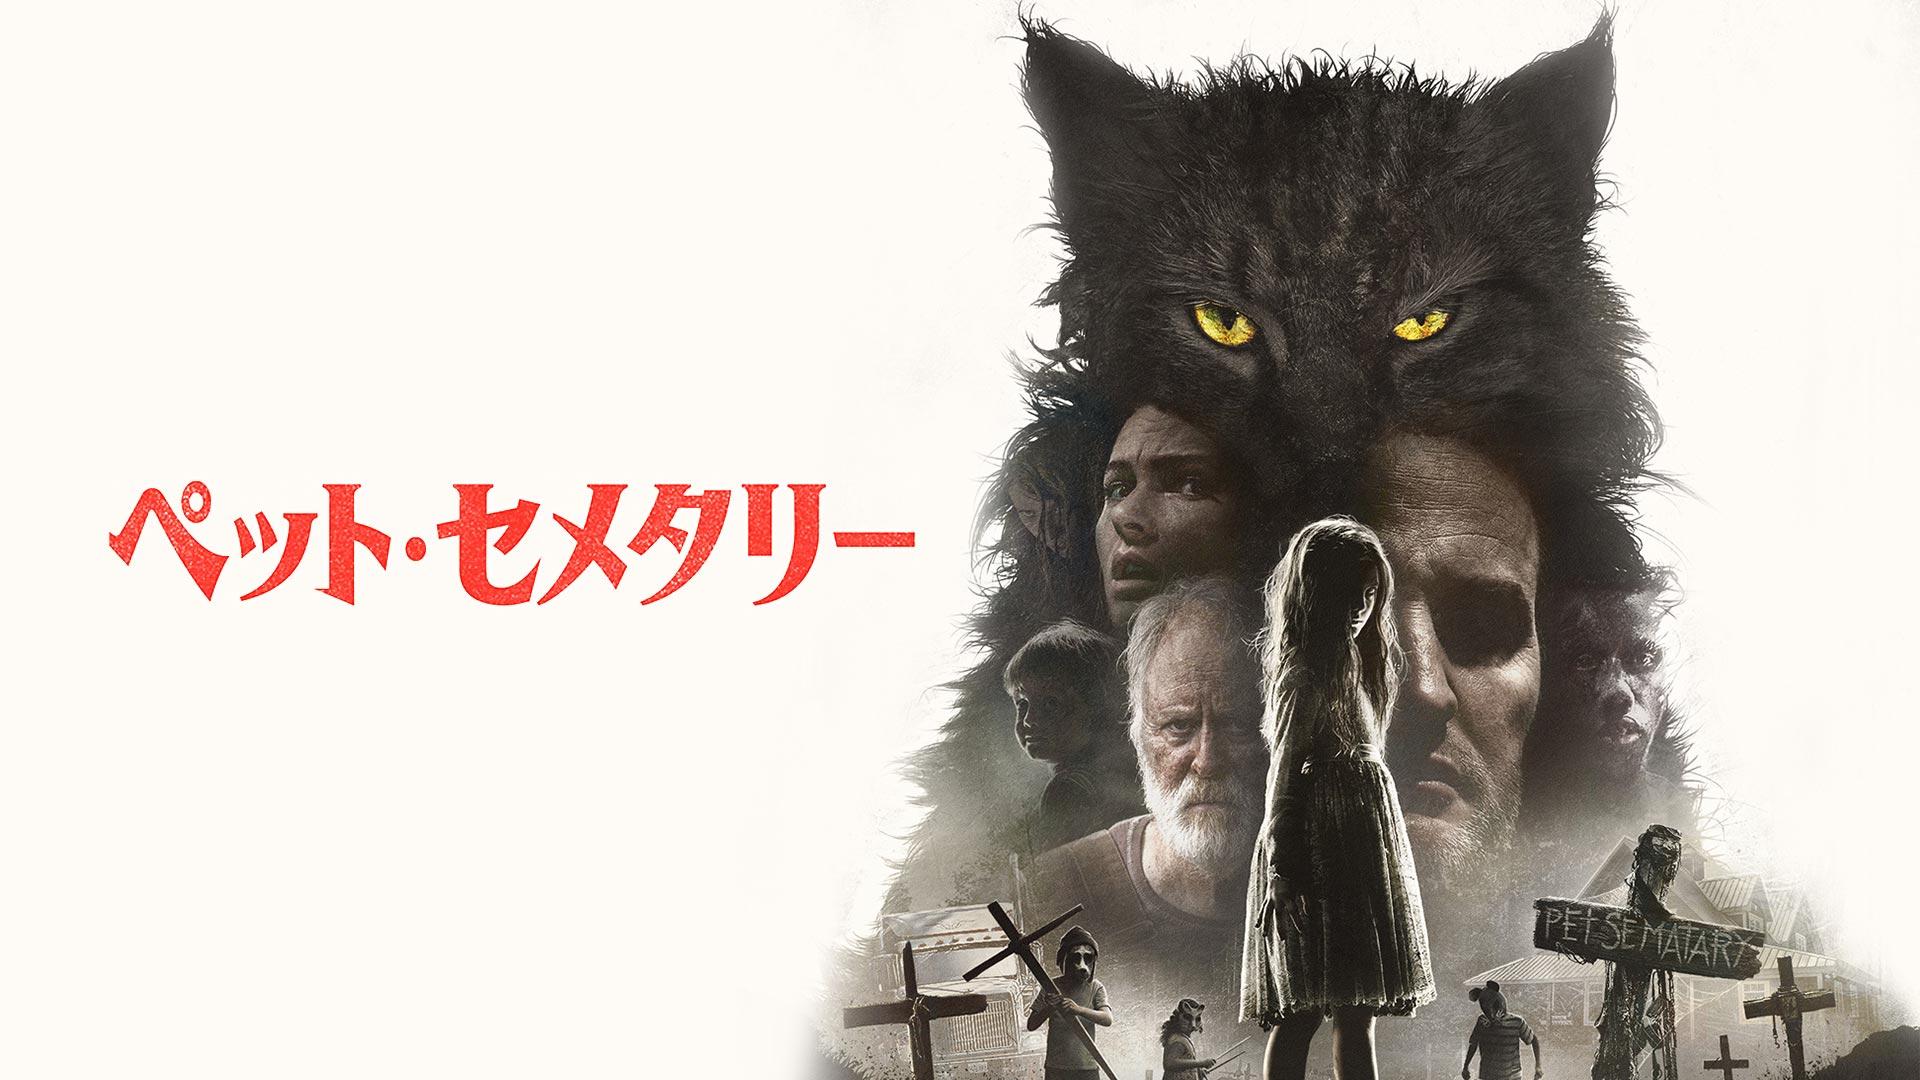 ペット・セメタリー (2019) (吹替版)